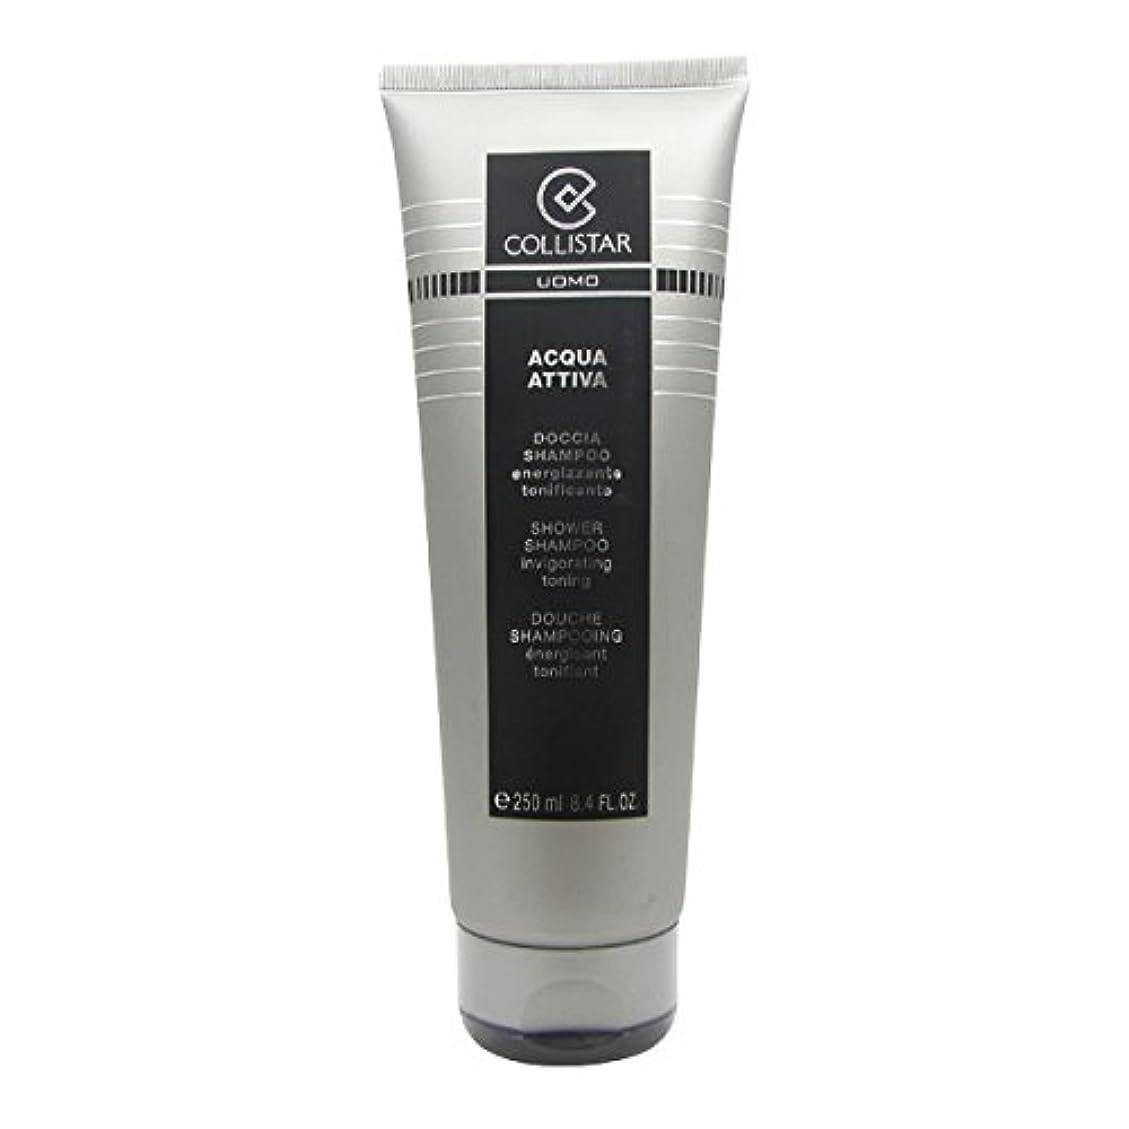 韓国語壊れた爆風Collistar Men Acqua Attiva Shower Shampoo 250ml [並行輸入品]